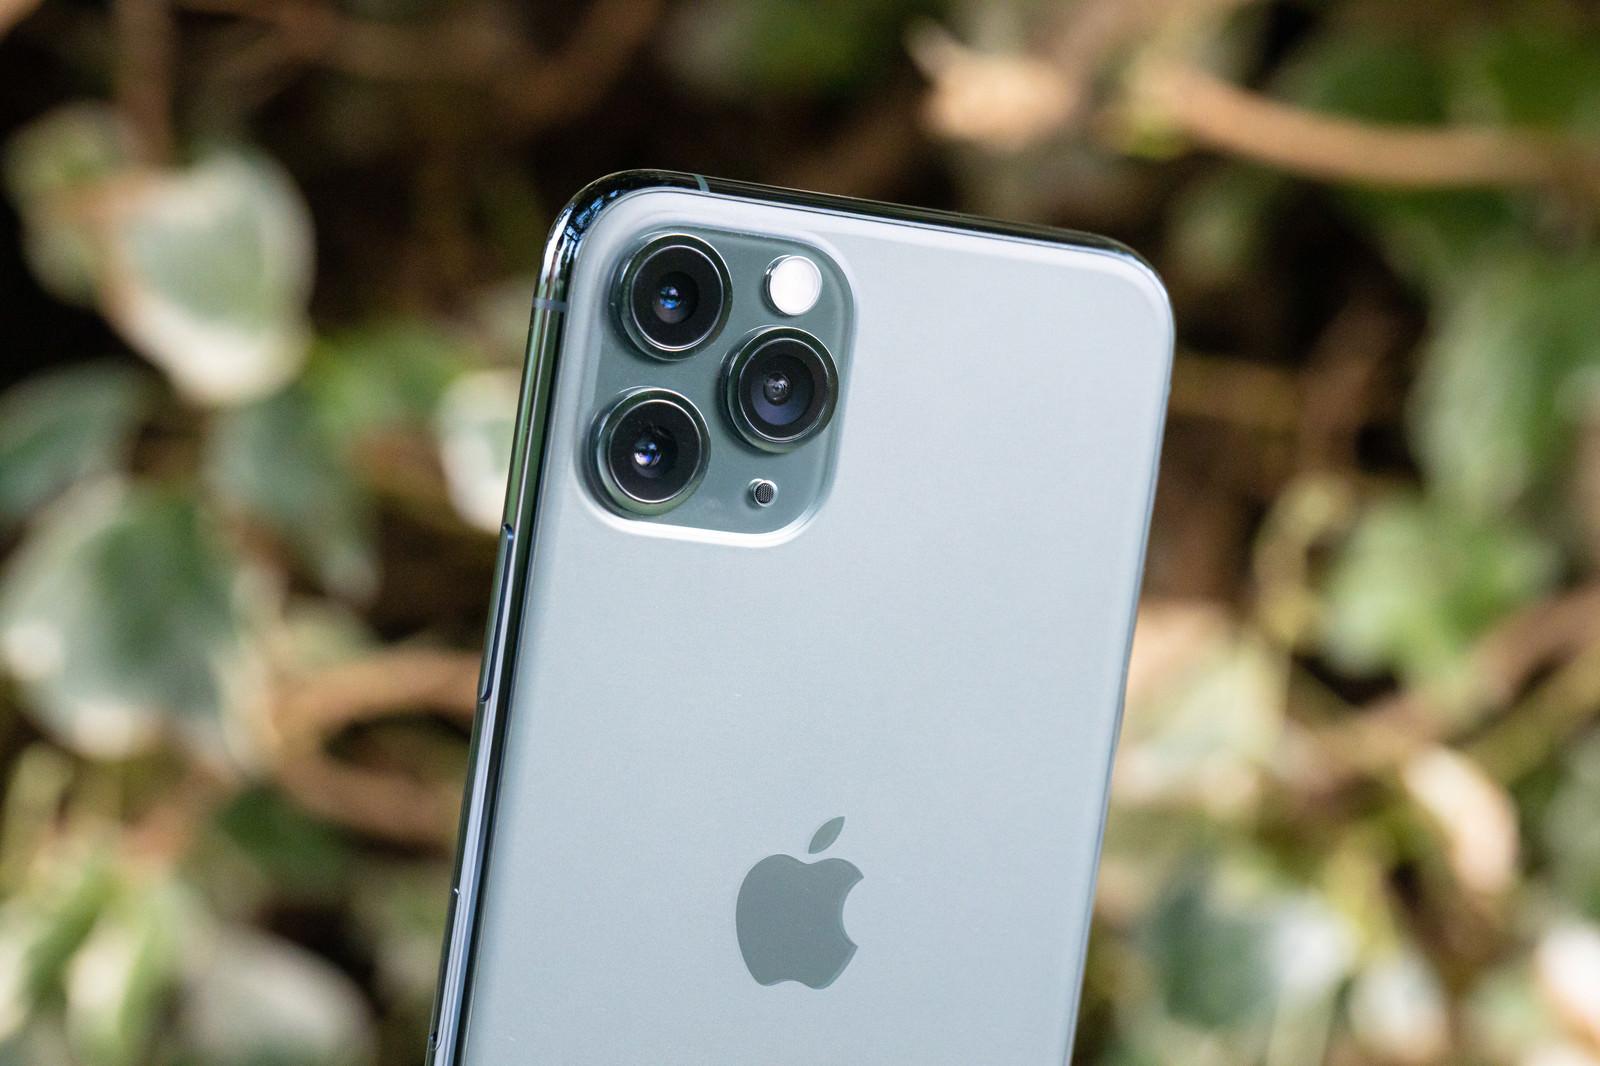 「望遠から超広角まで撮影できる iPhone 11 Pro」の写真